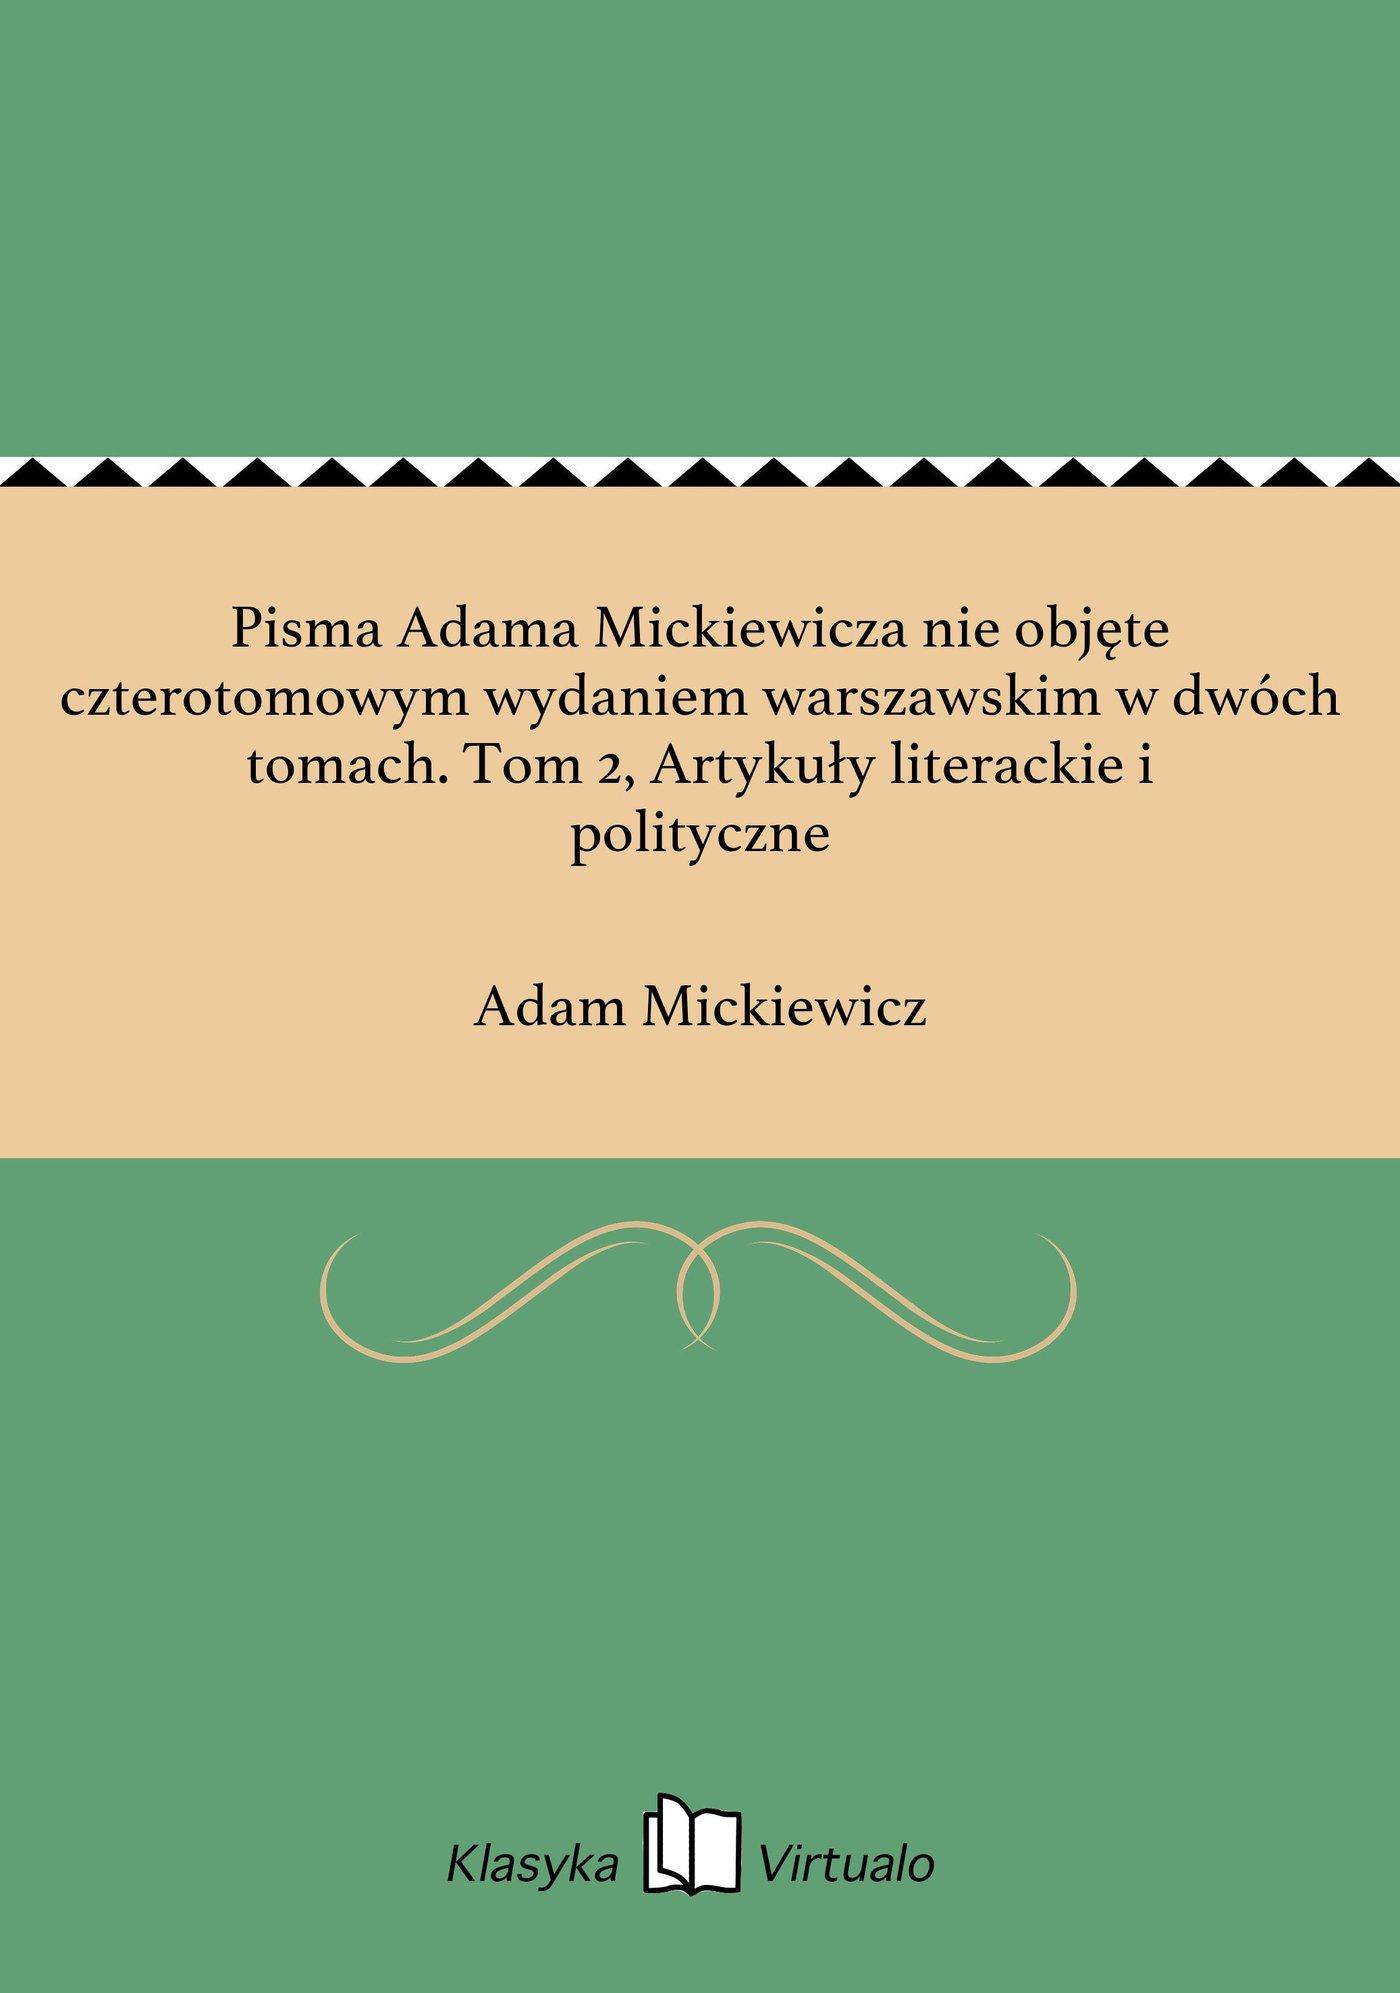 Pisma Adama Mickiewicza nie objęte czterotomowym wydaniem warszawskim w dwóch tomach. Tom 2, Artykuły literackie i polityczne - Ebook (Książka EPUB) do pobrania w formacie EPUB